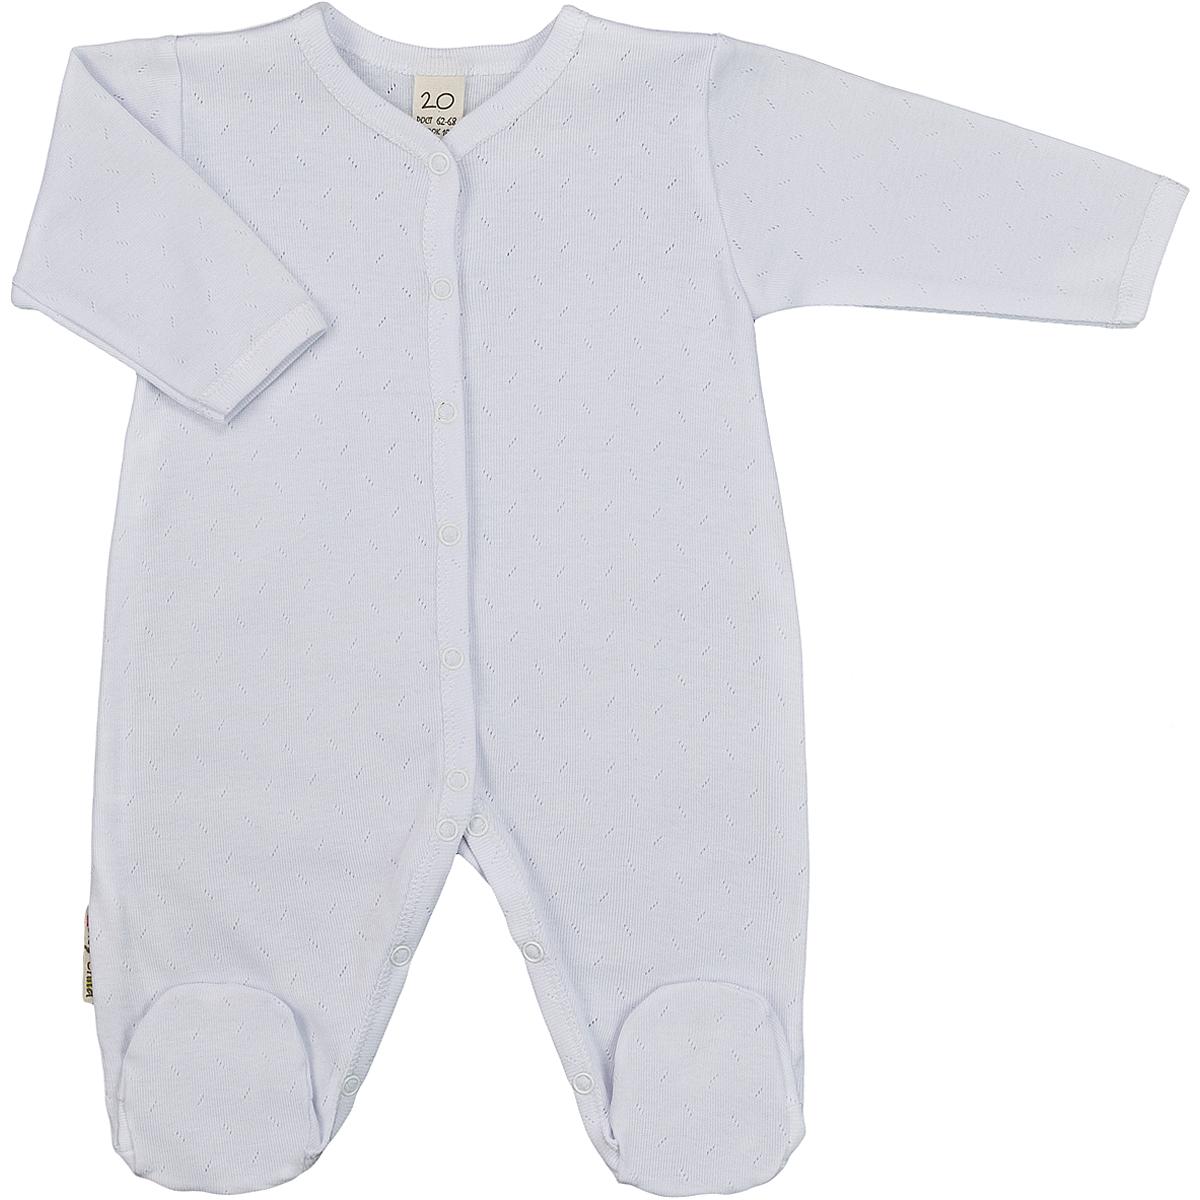 Комбинезон детский Lucky Child Ажур, цвет: белый. 0-12. Размер 62/680-12Детский комбинезон Lucky Child - очень удобный и практичный вид одежды для малышей. Комбинезон выполнен из натурального хлопка, благодаря чему он необычайно мягкий и приятный на ощупь, не раздражают нежную кожу ребенка и хорошо вентилируются, а эластичные швы приятны телу малыша и не препятствуют его движениям. Комбинезон с длинными рукавами и закрытыми ножками имеет застежки-кнопки от горловины до щиколоток, которые помогают легко переодеть младенца или сменить подгузник.Модель выполнена из ткани с ажурным узором. С детским комбинезоном Lucky Child спинка и ножки вашего малыша всегда будут в тепле, он идеален для использования днем и незаменим ночью. Комбинезон полностью соответствует особенностям жизни младенца в ранний период, не стесняя и не ограничивая его в движениях!